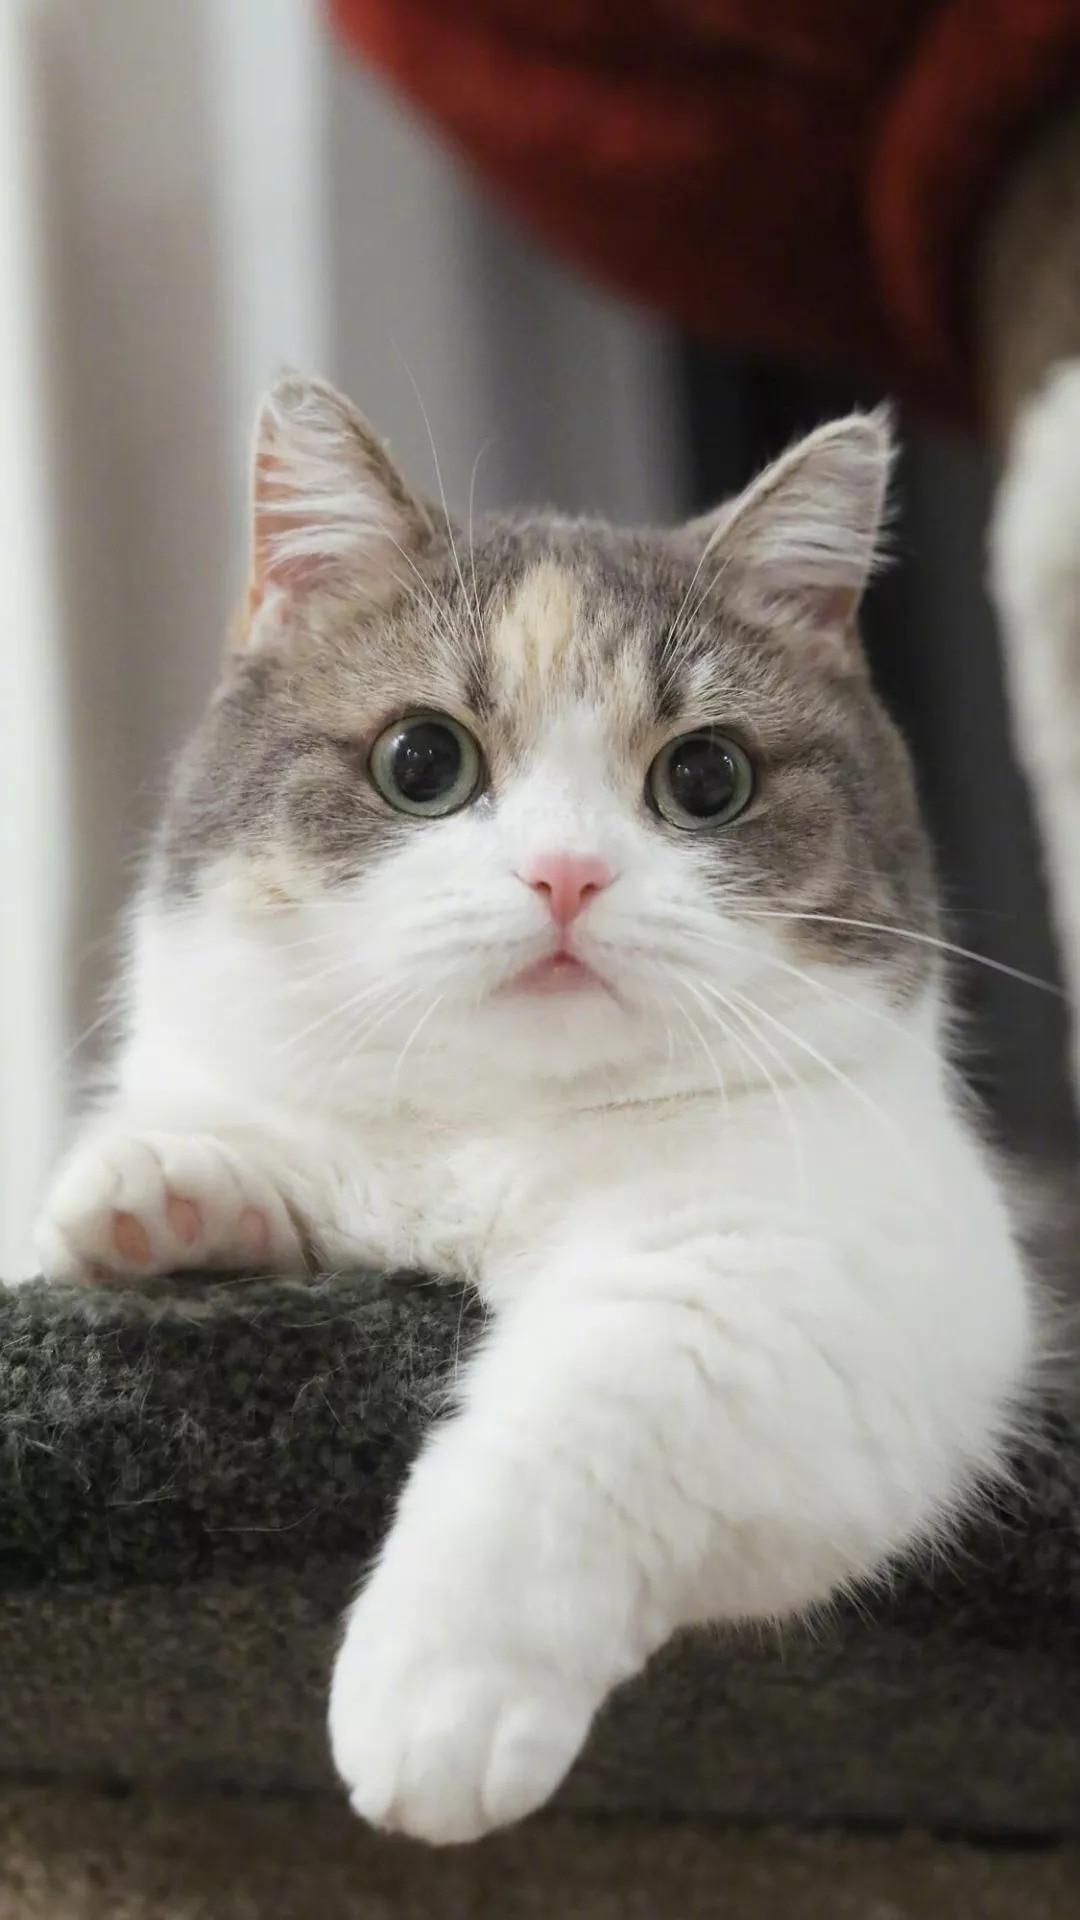 猫片壁纸 :生活不断拍打我们的脸皮,最后不是脸皮厚了,是肿了!插图5